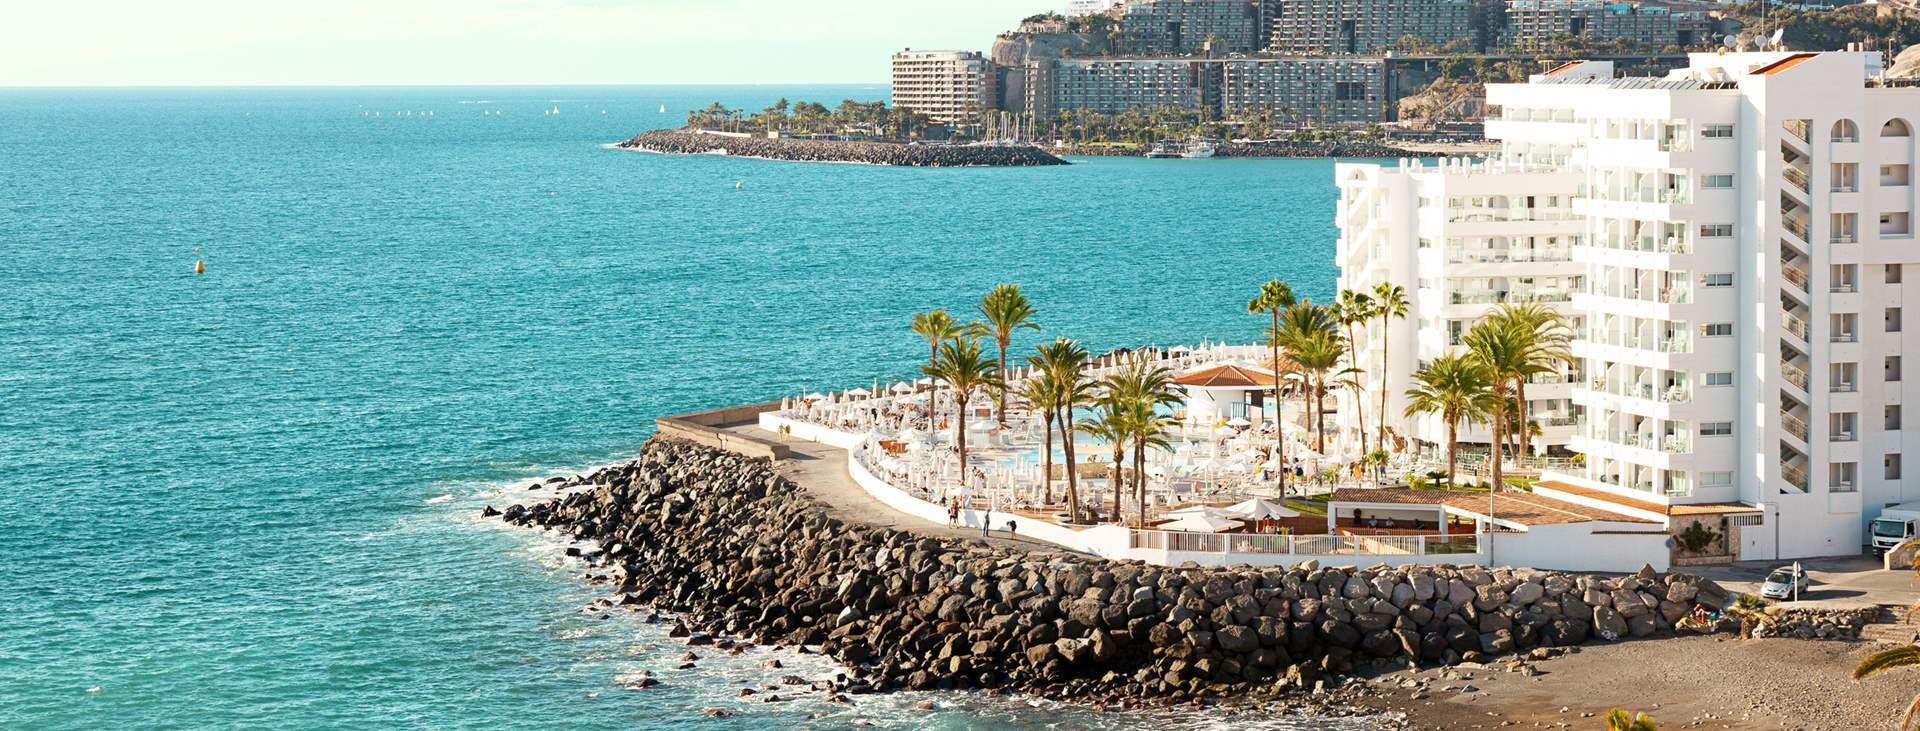 Bestill en reise til barnevennlige Arguineguin på Gran Canaria med Ving